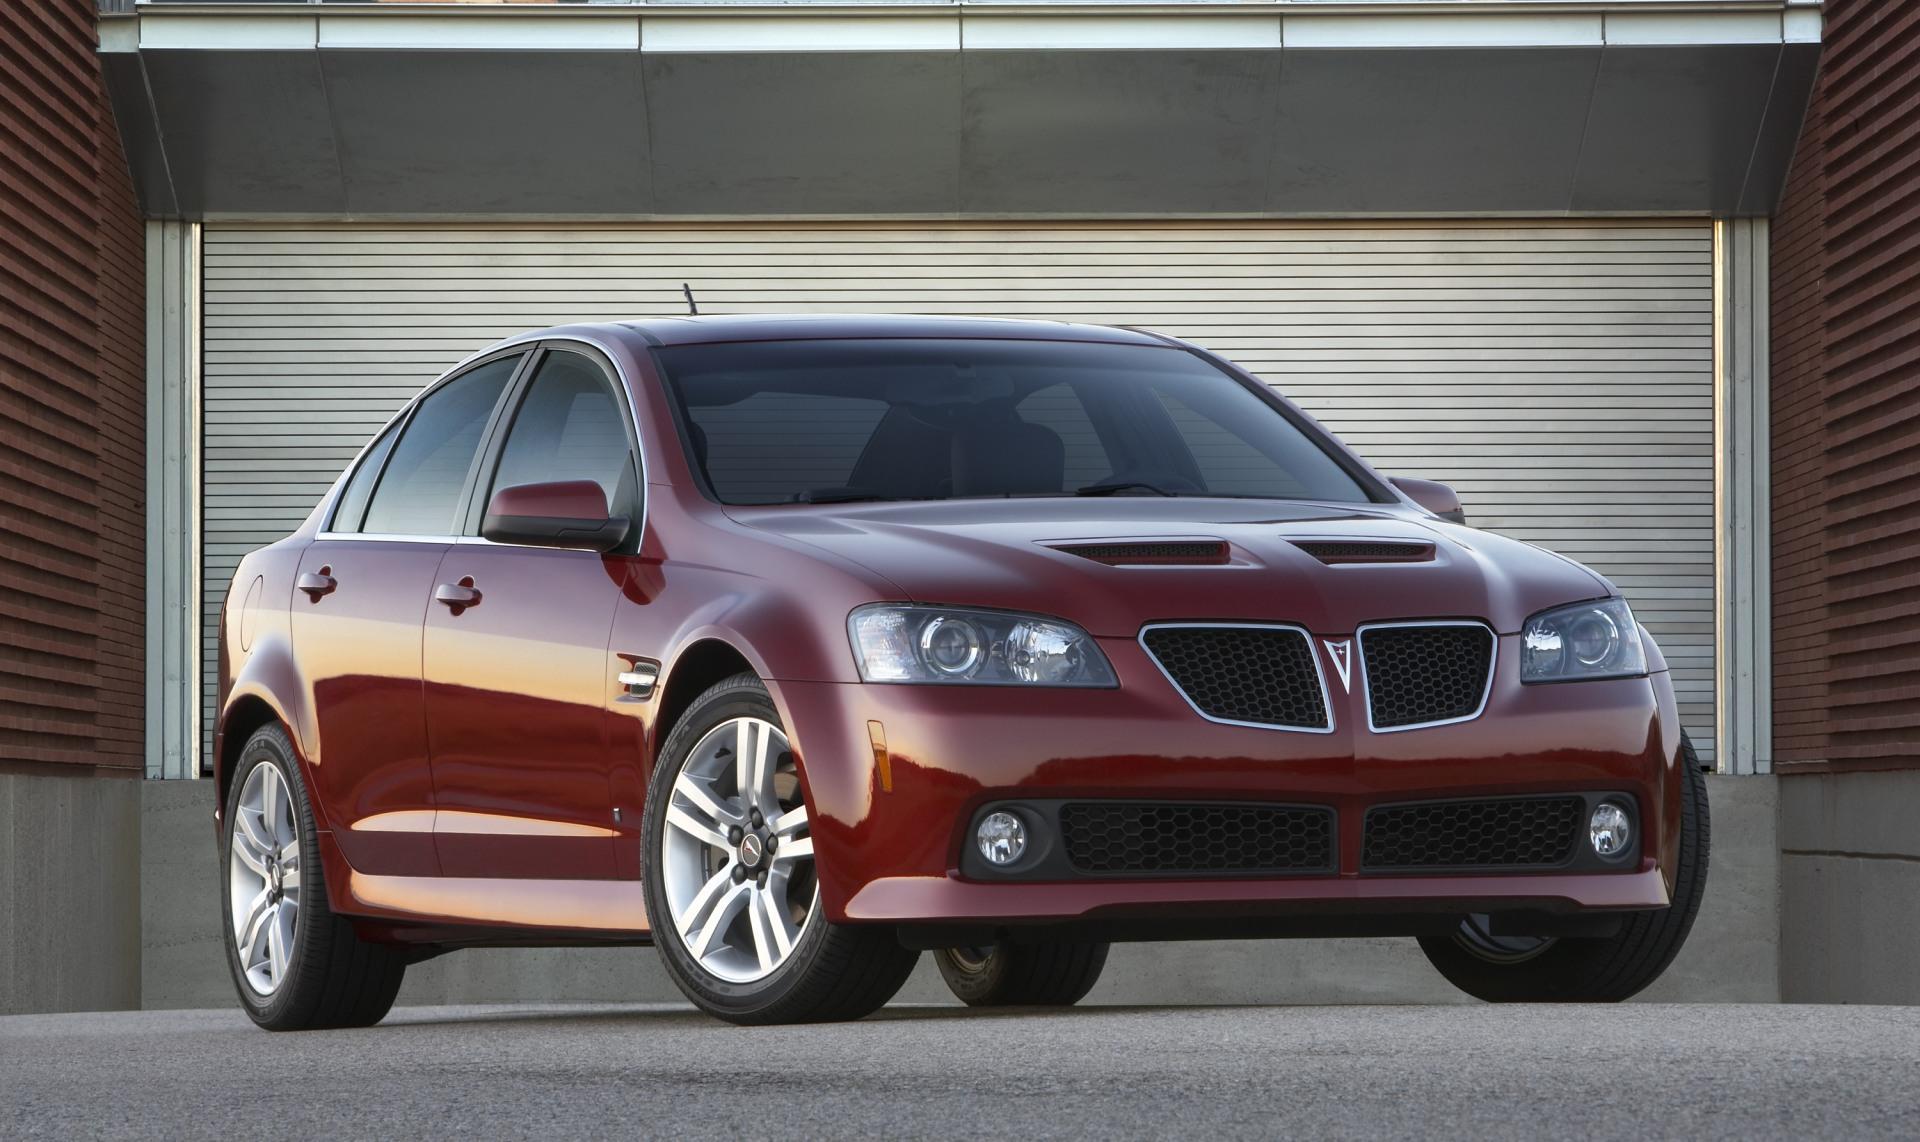 2009 Pontiac G8 News And Information Conceptcarz Com